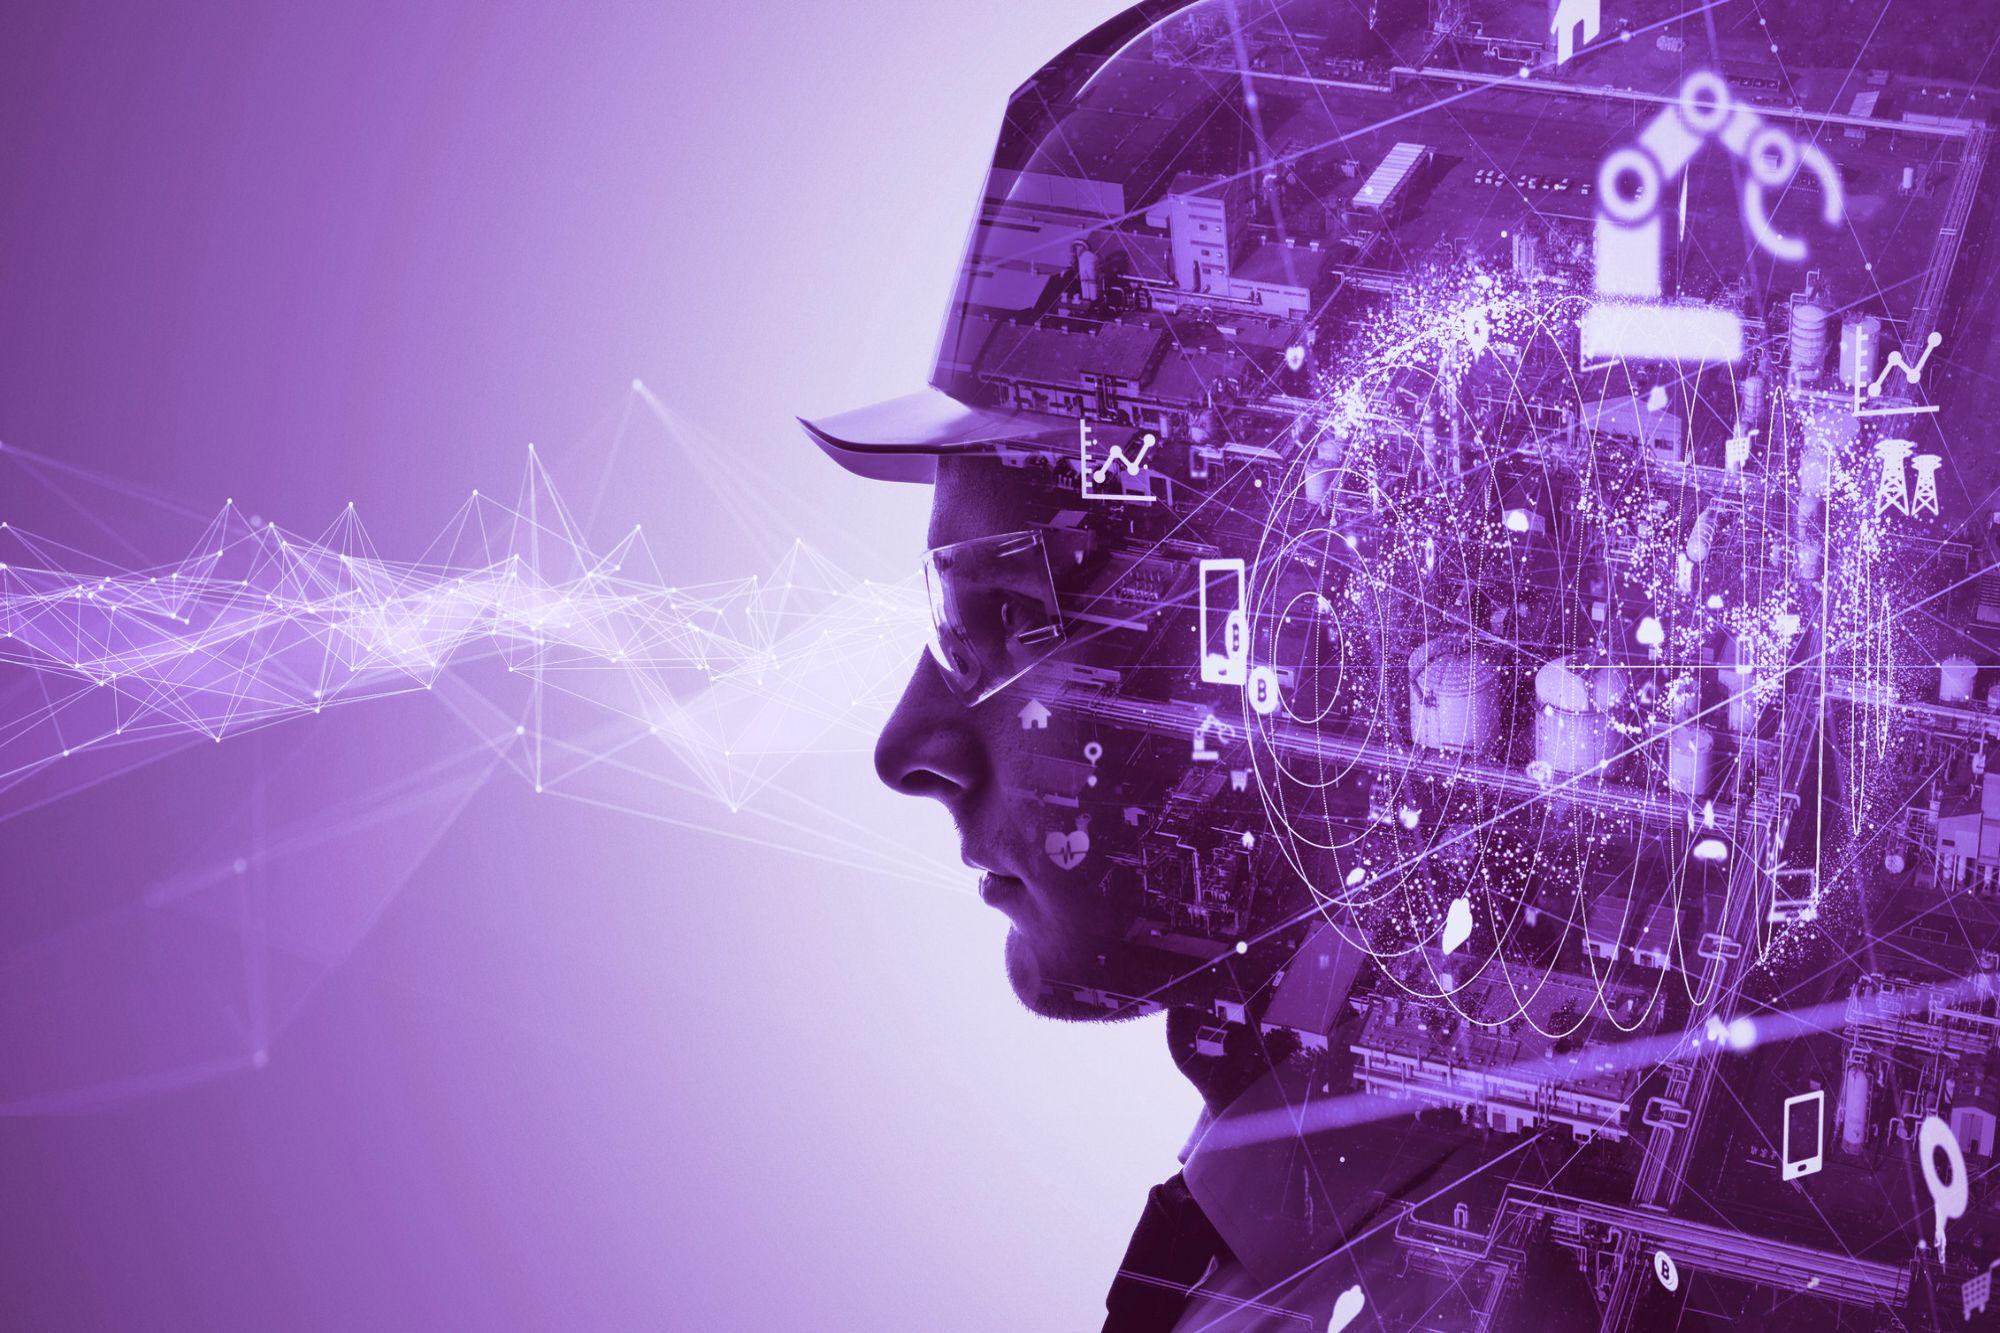 Sociedade 5.0: a 5ª Revolução Industrial está mesmo chegando?